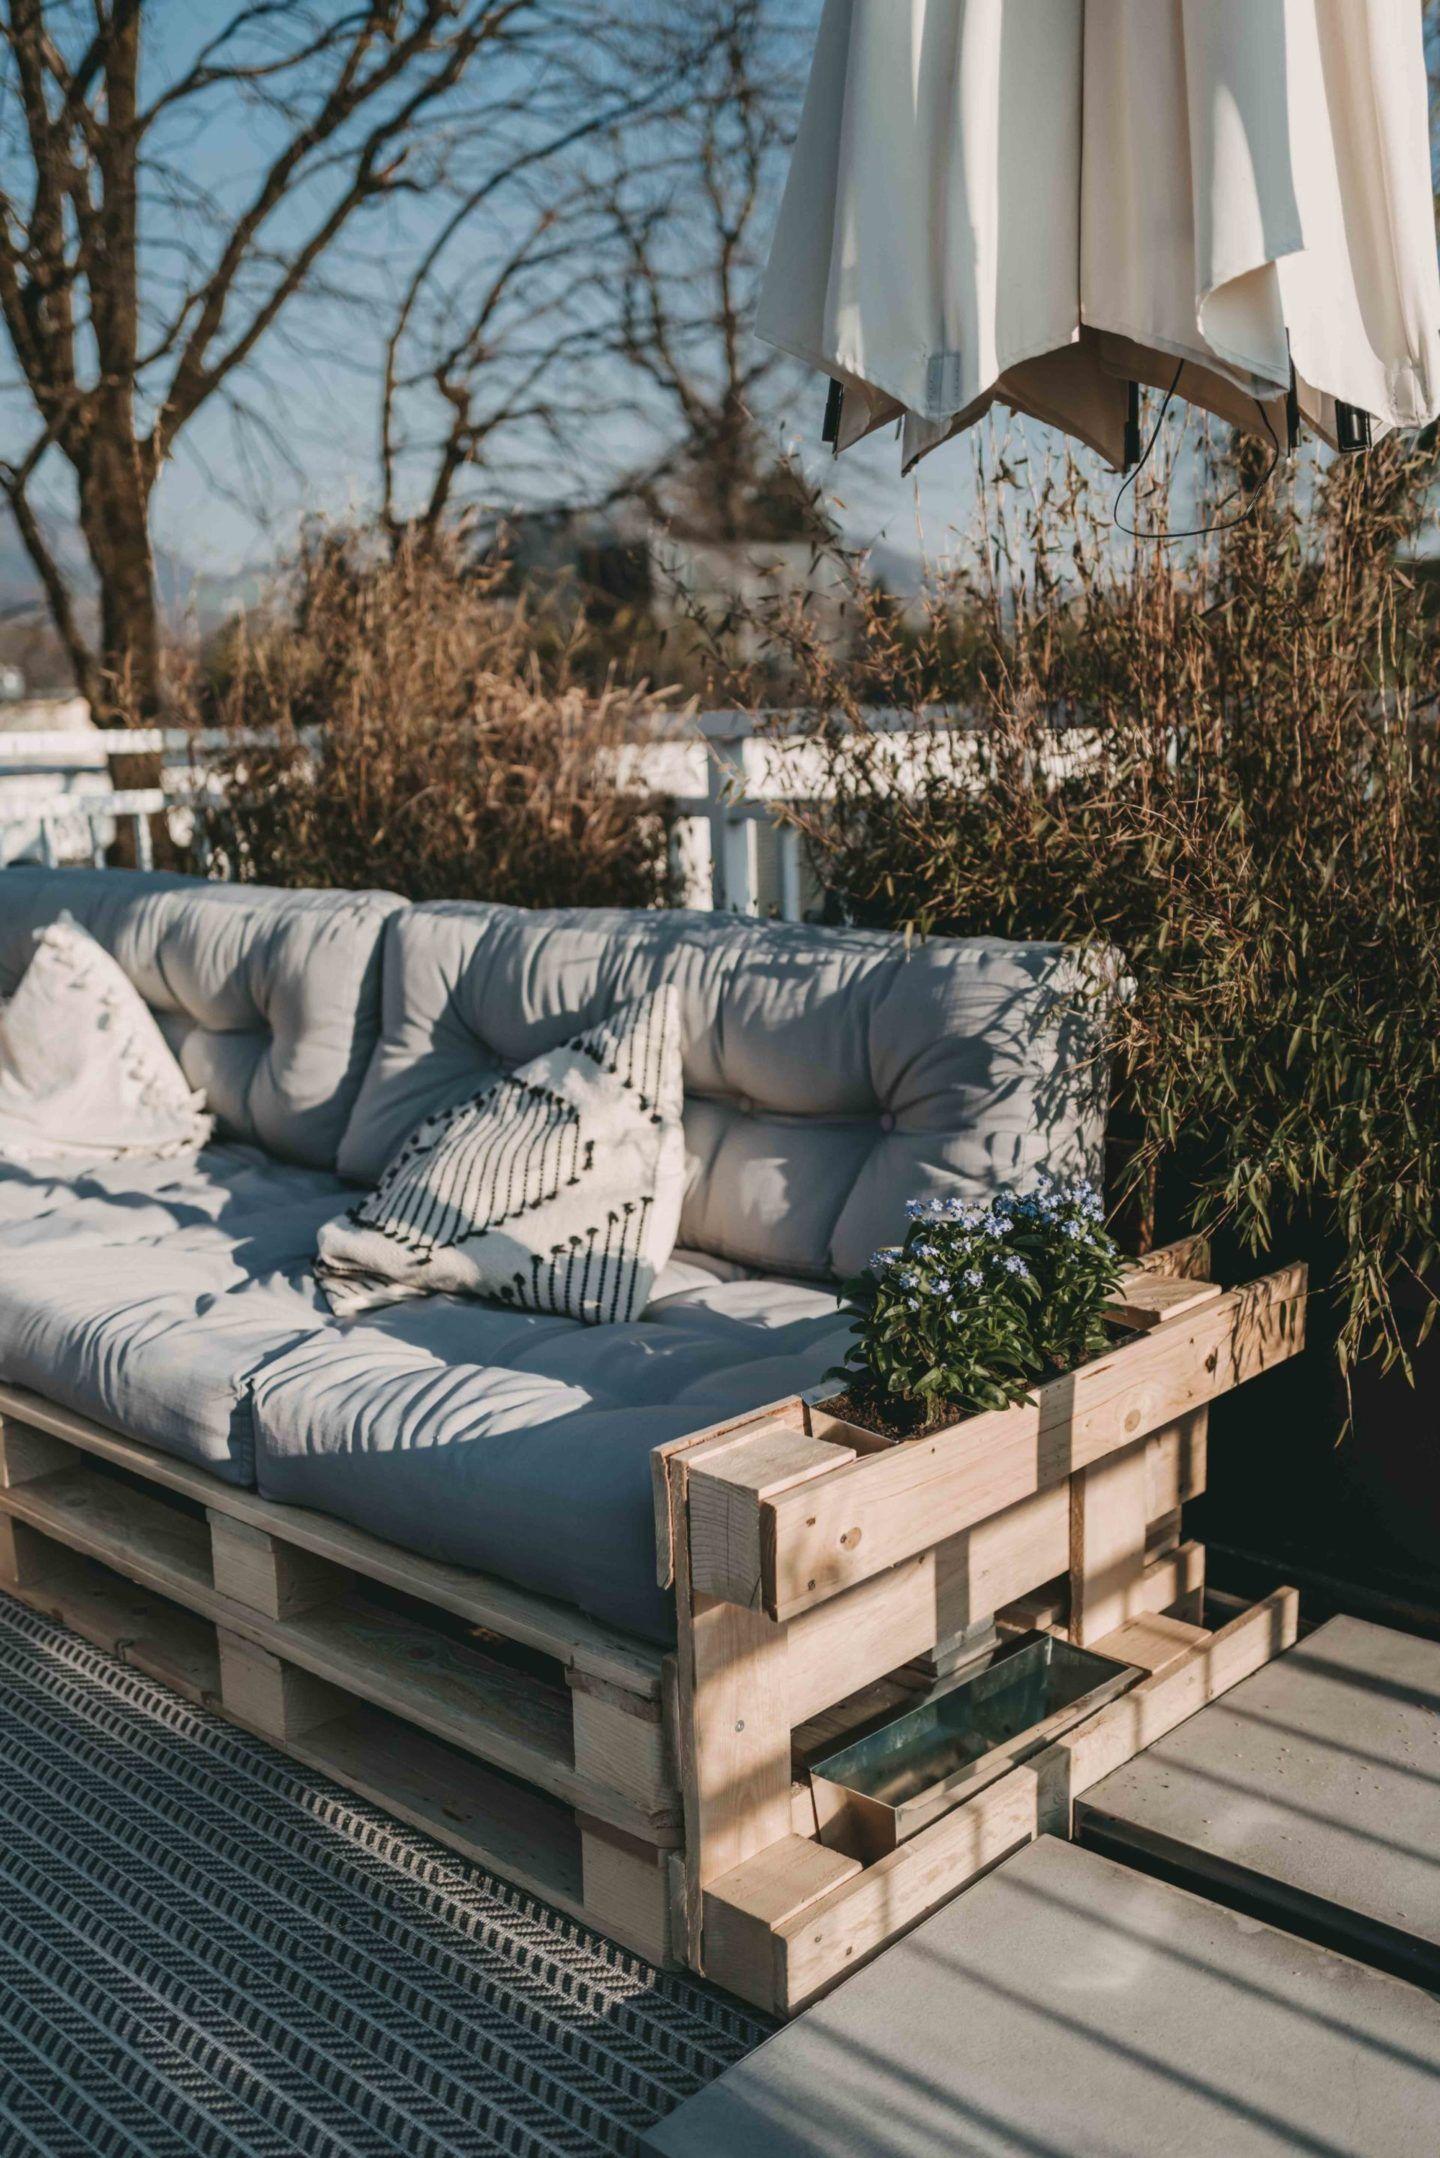 Paletten Couch für die Terrasse – Berries & Passion